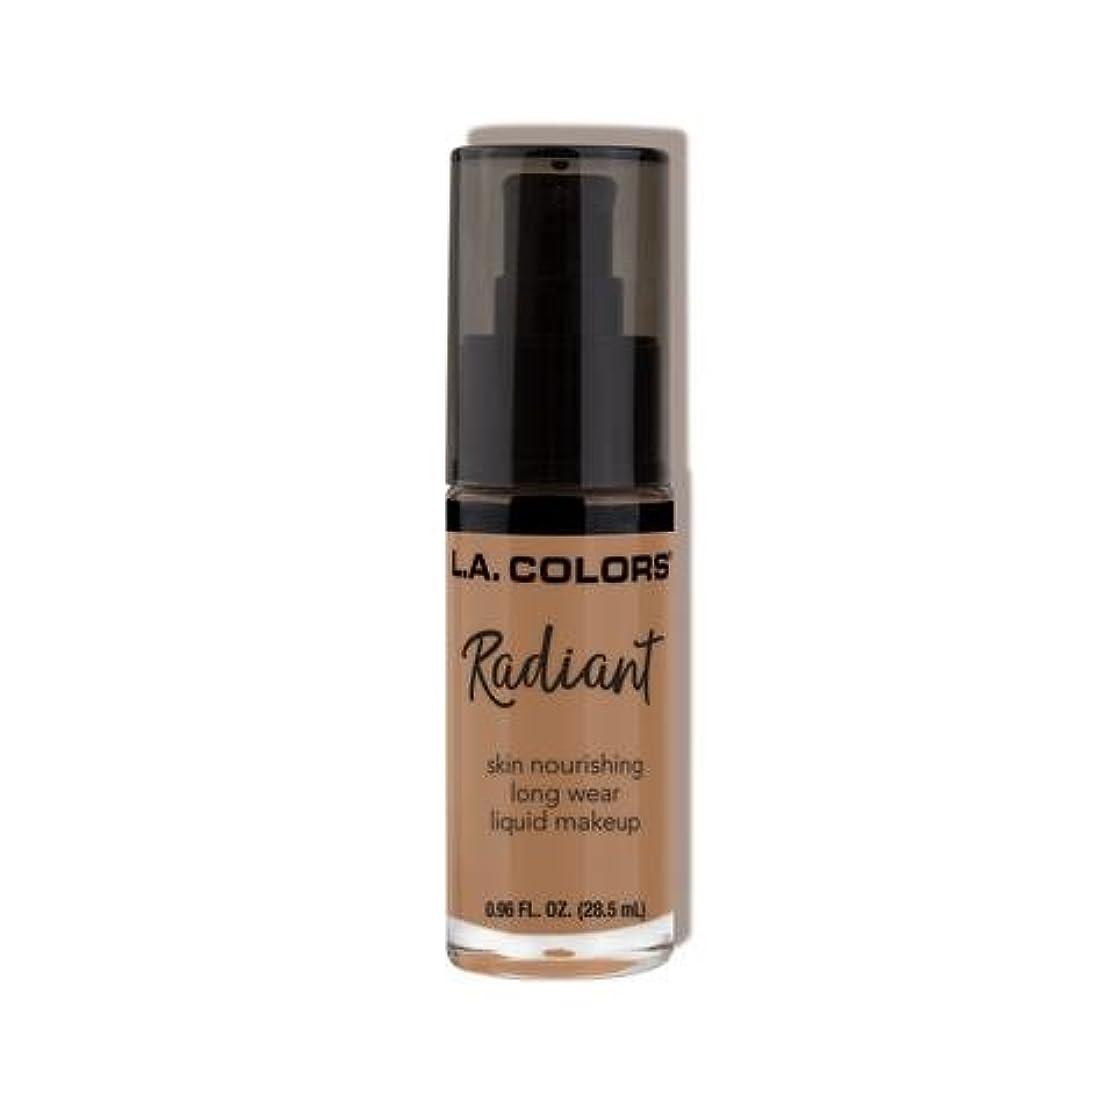 アトラスティーム耐えられない(3 Pack) L.A. COLORS Radiant Liquid Makeup - Creamy Cafe (並行輸入品)